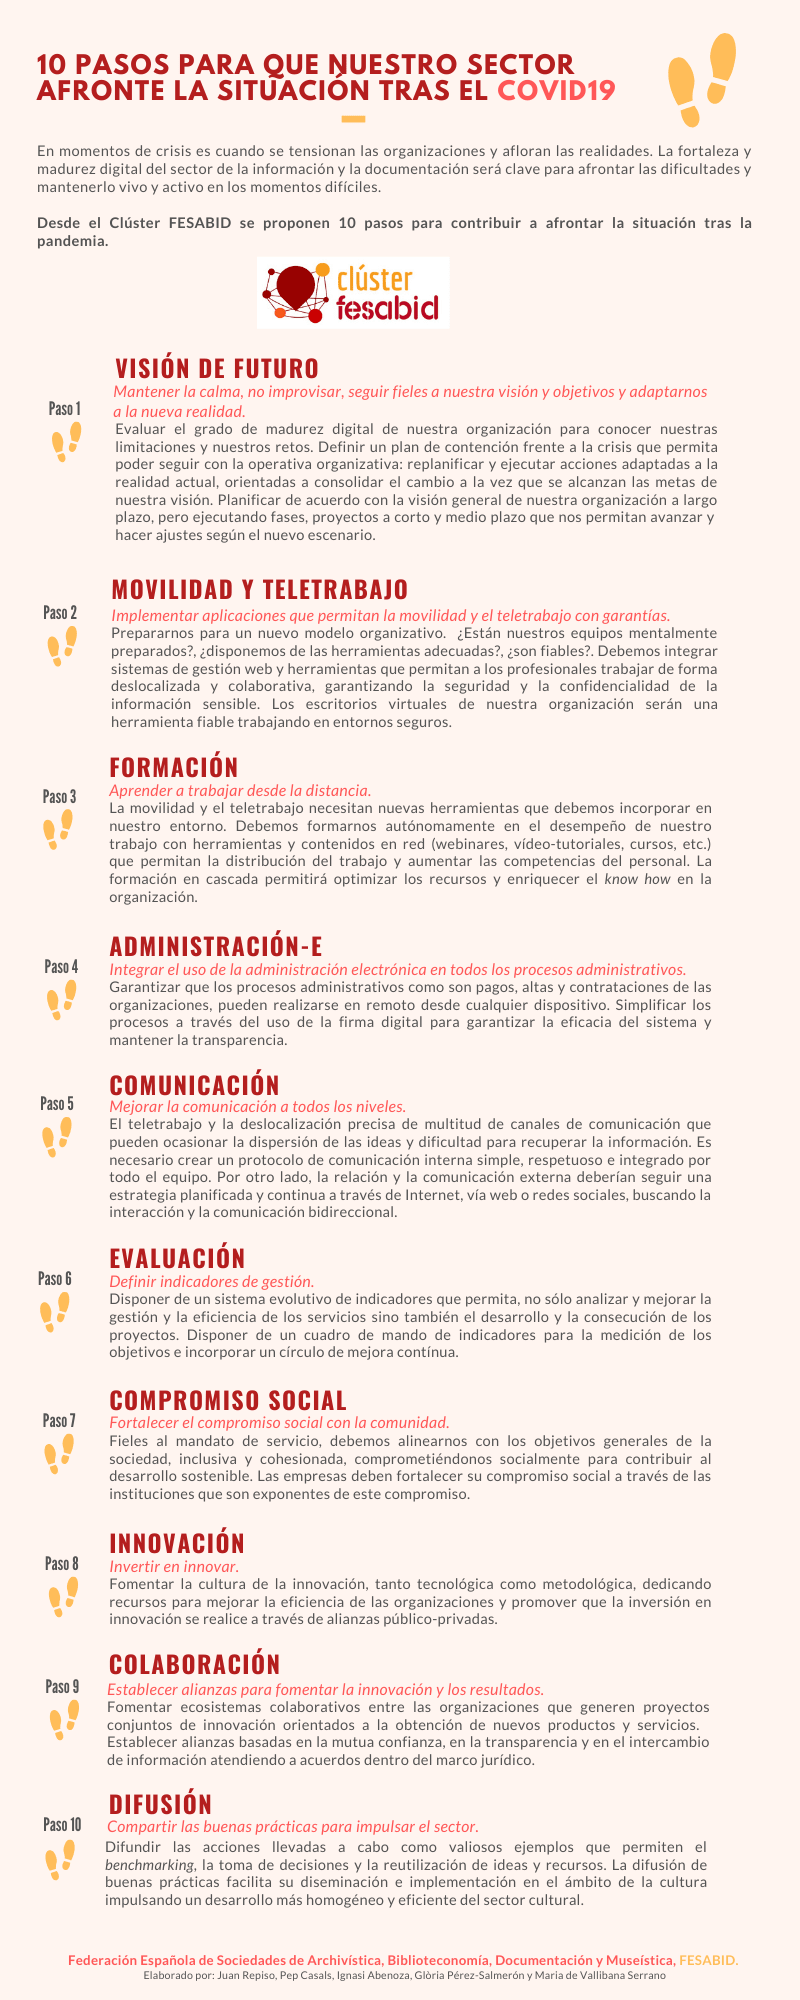 10 pasos para que nuestro sector afronte la situación tras el COVID-19 Fesabid